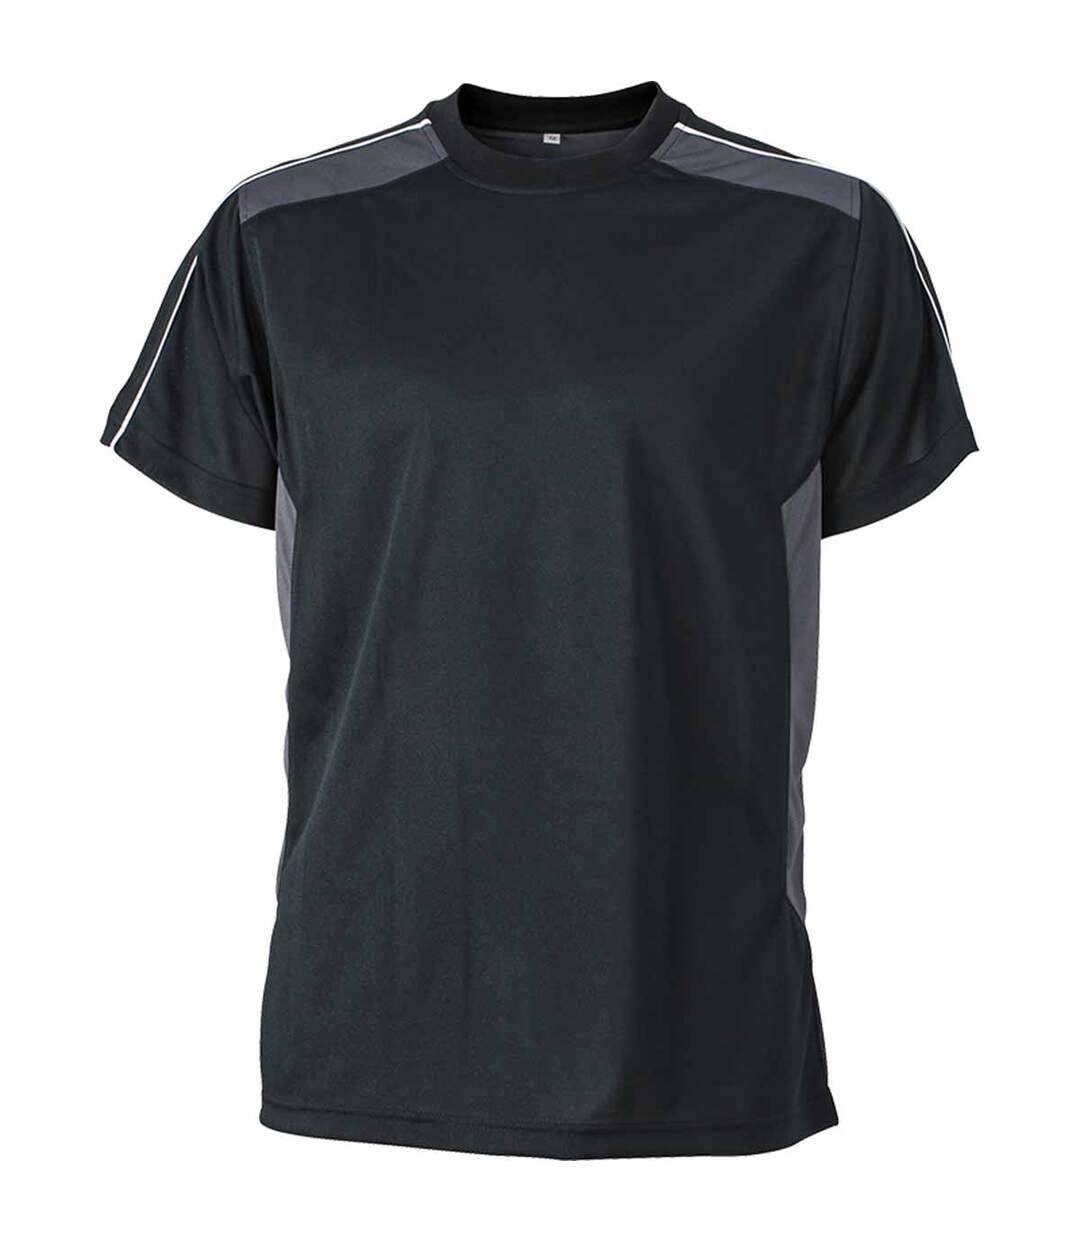 T-shirt artisan anti-bactérien anti-statique - JN827 - noir